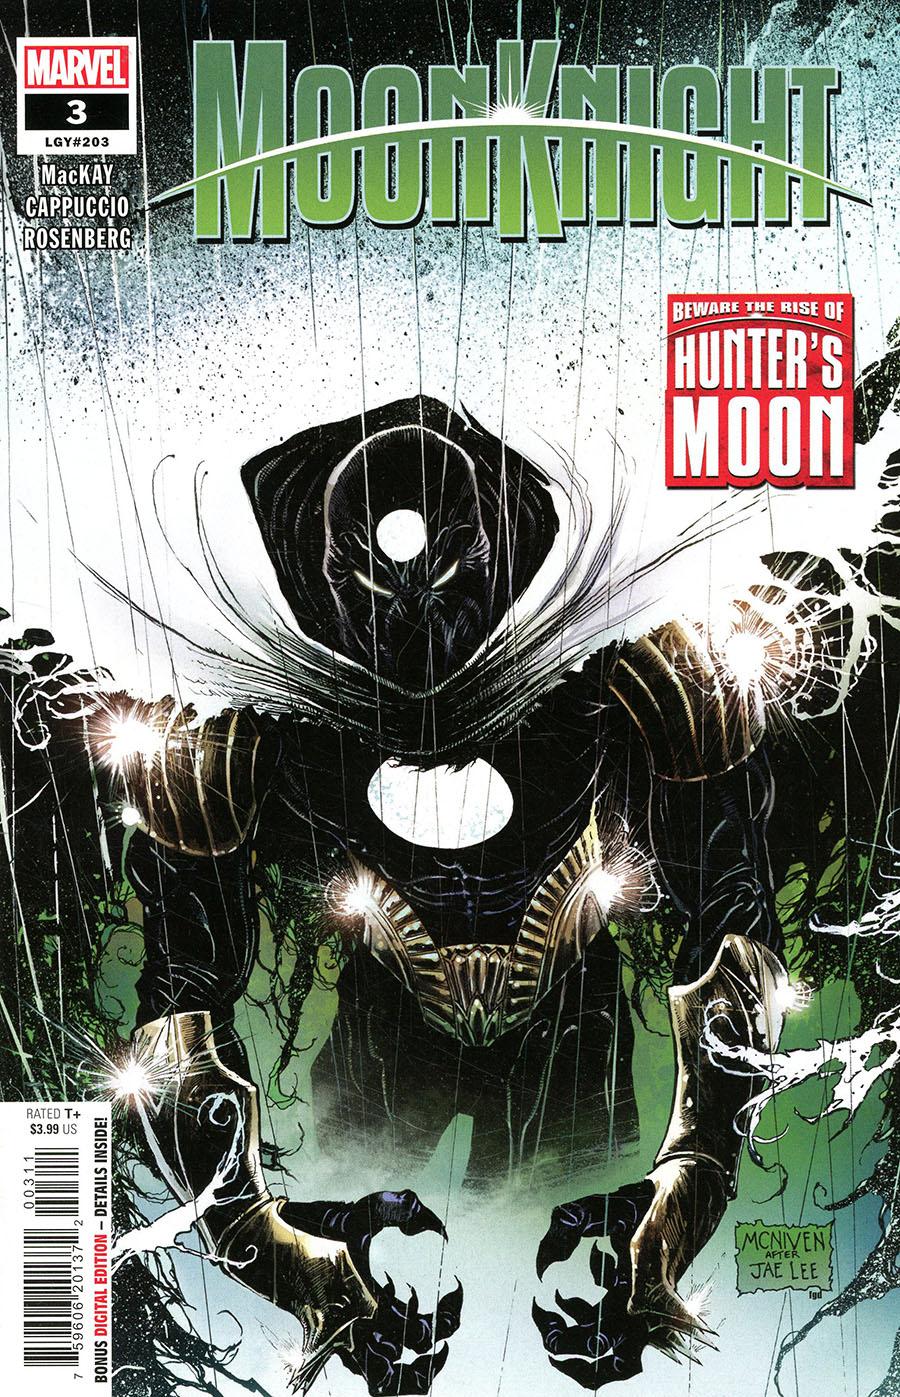 Moon Knight Vol 9 #3 Cover A Regular Steve McNiven Cover (Limit 1 Per Customer)